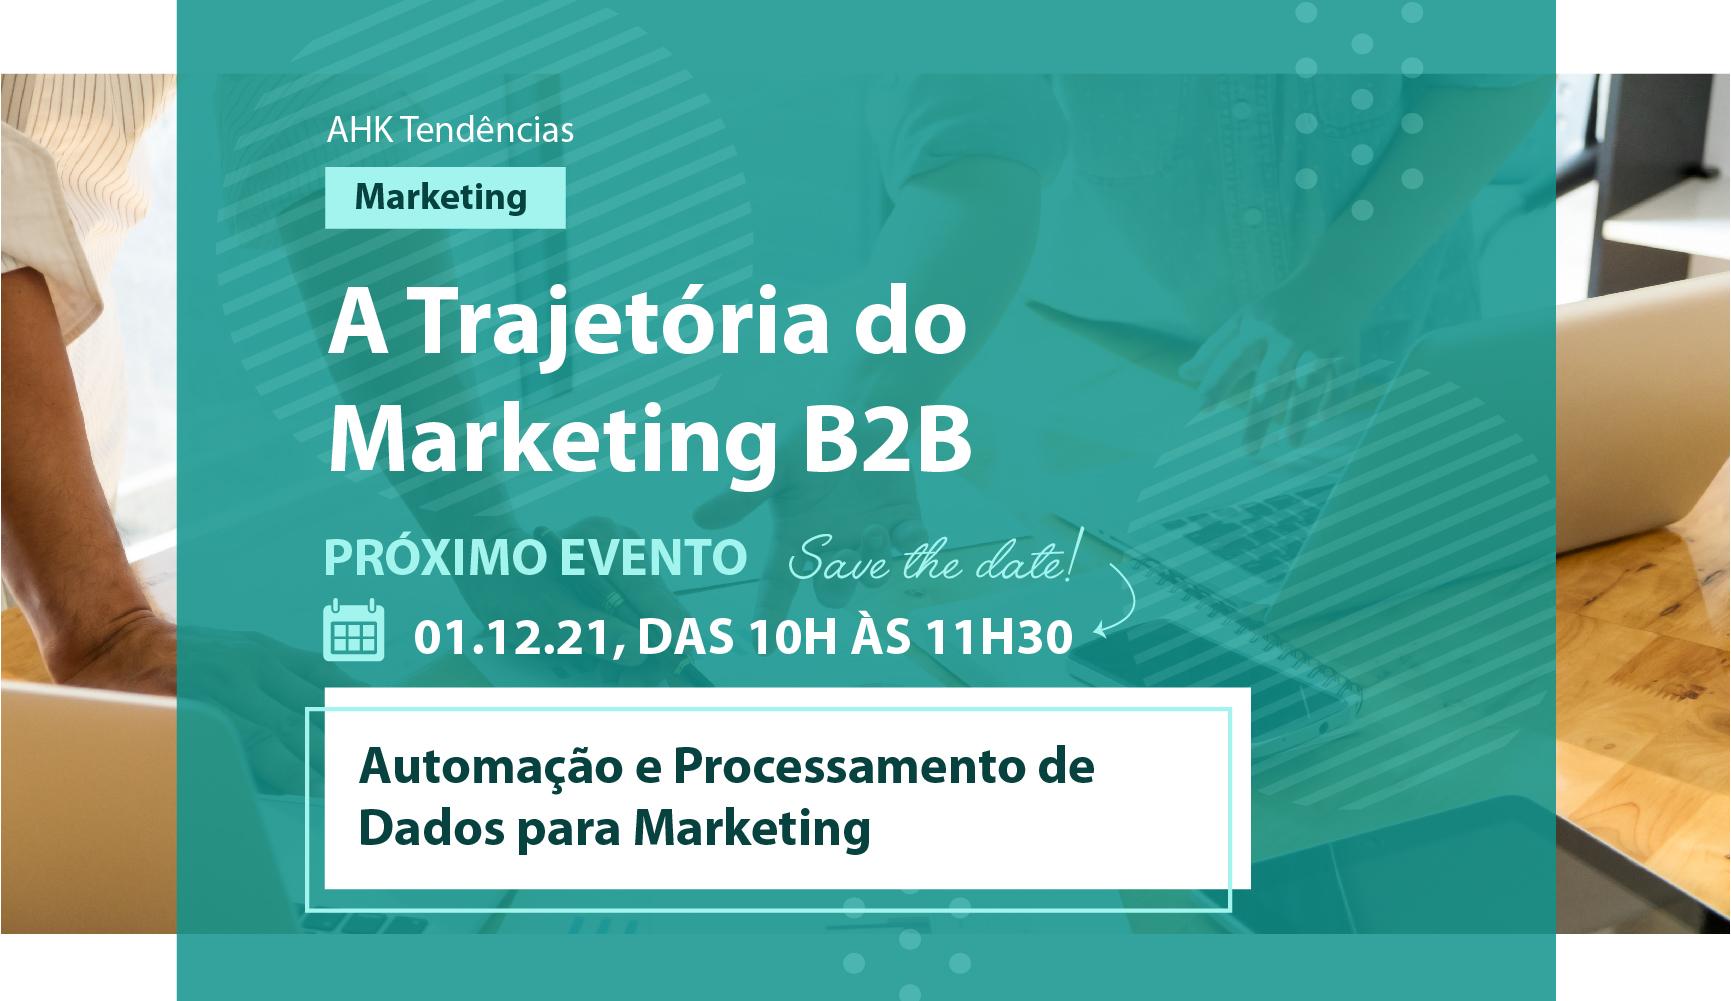 Série | A Trajetória do Marketing B2B - Episódio 4 | Automação e Processamento de Dados para Marketing